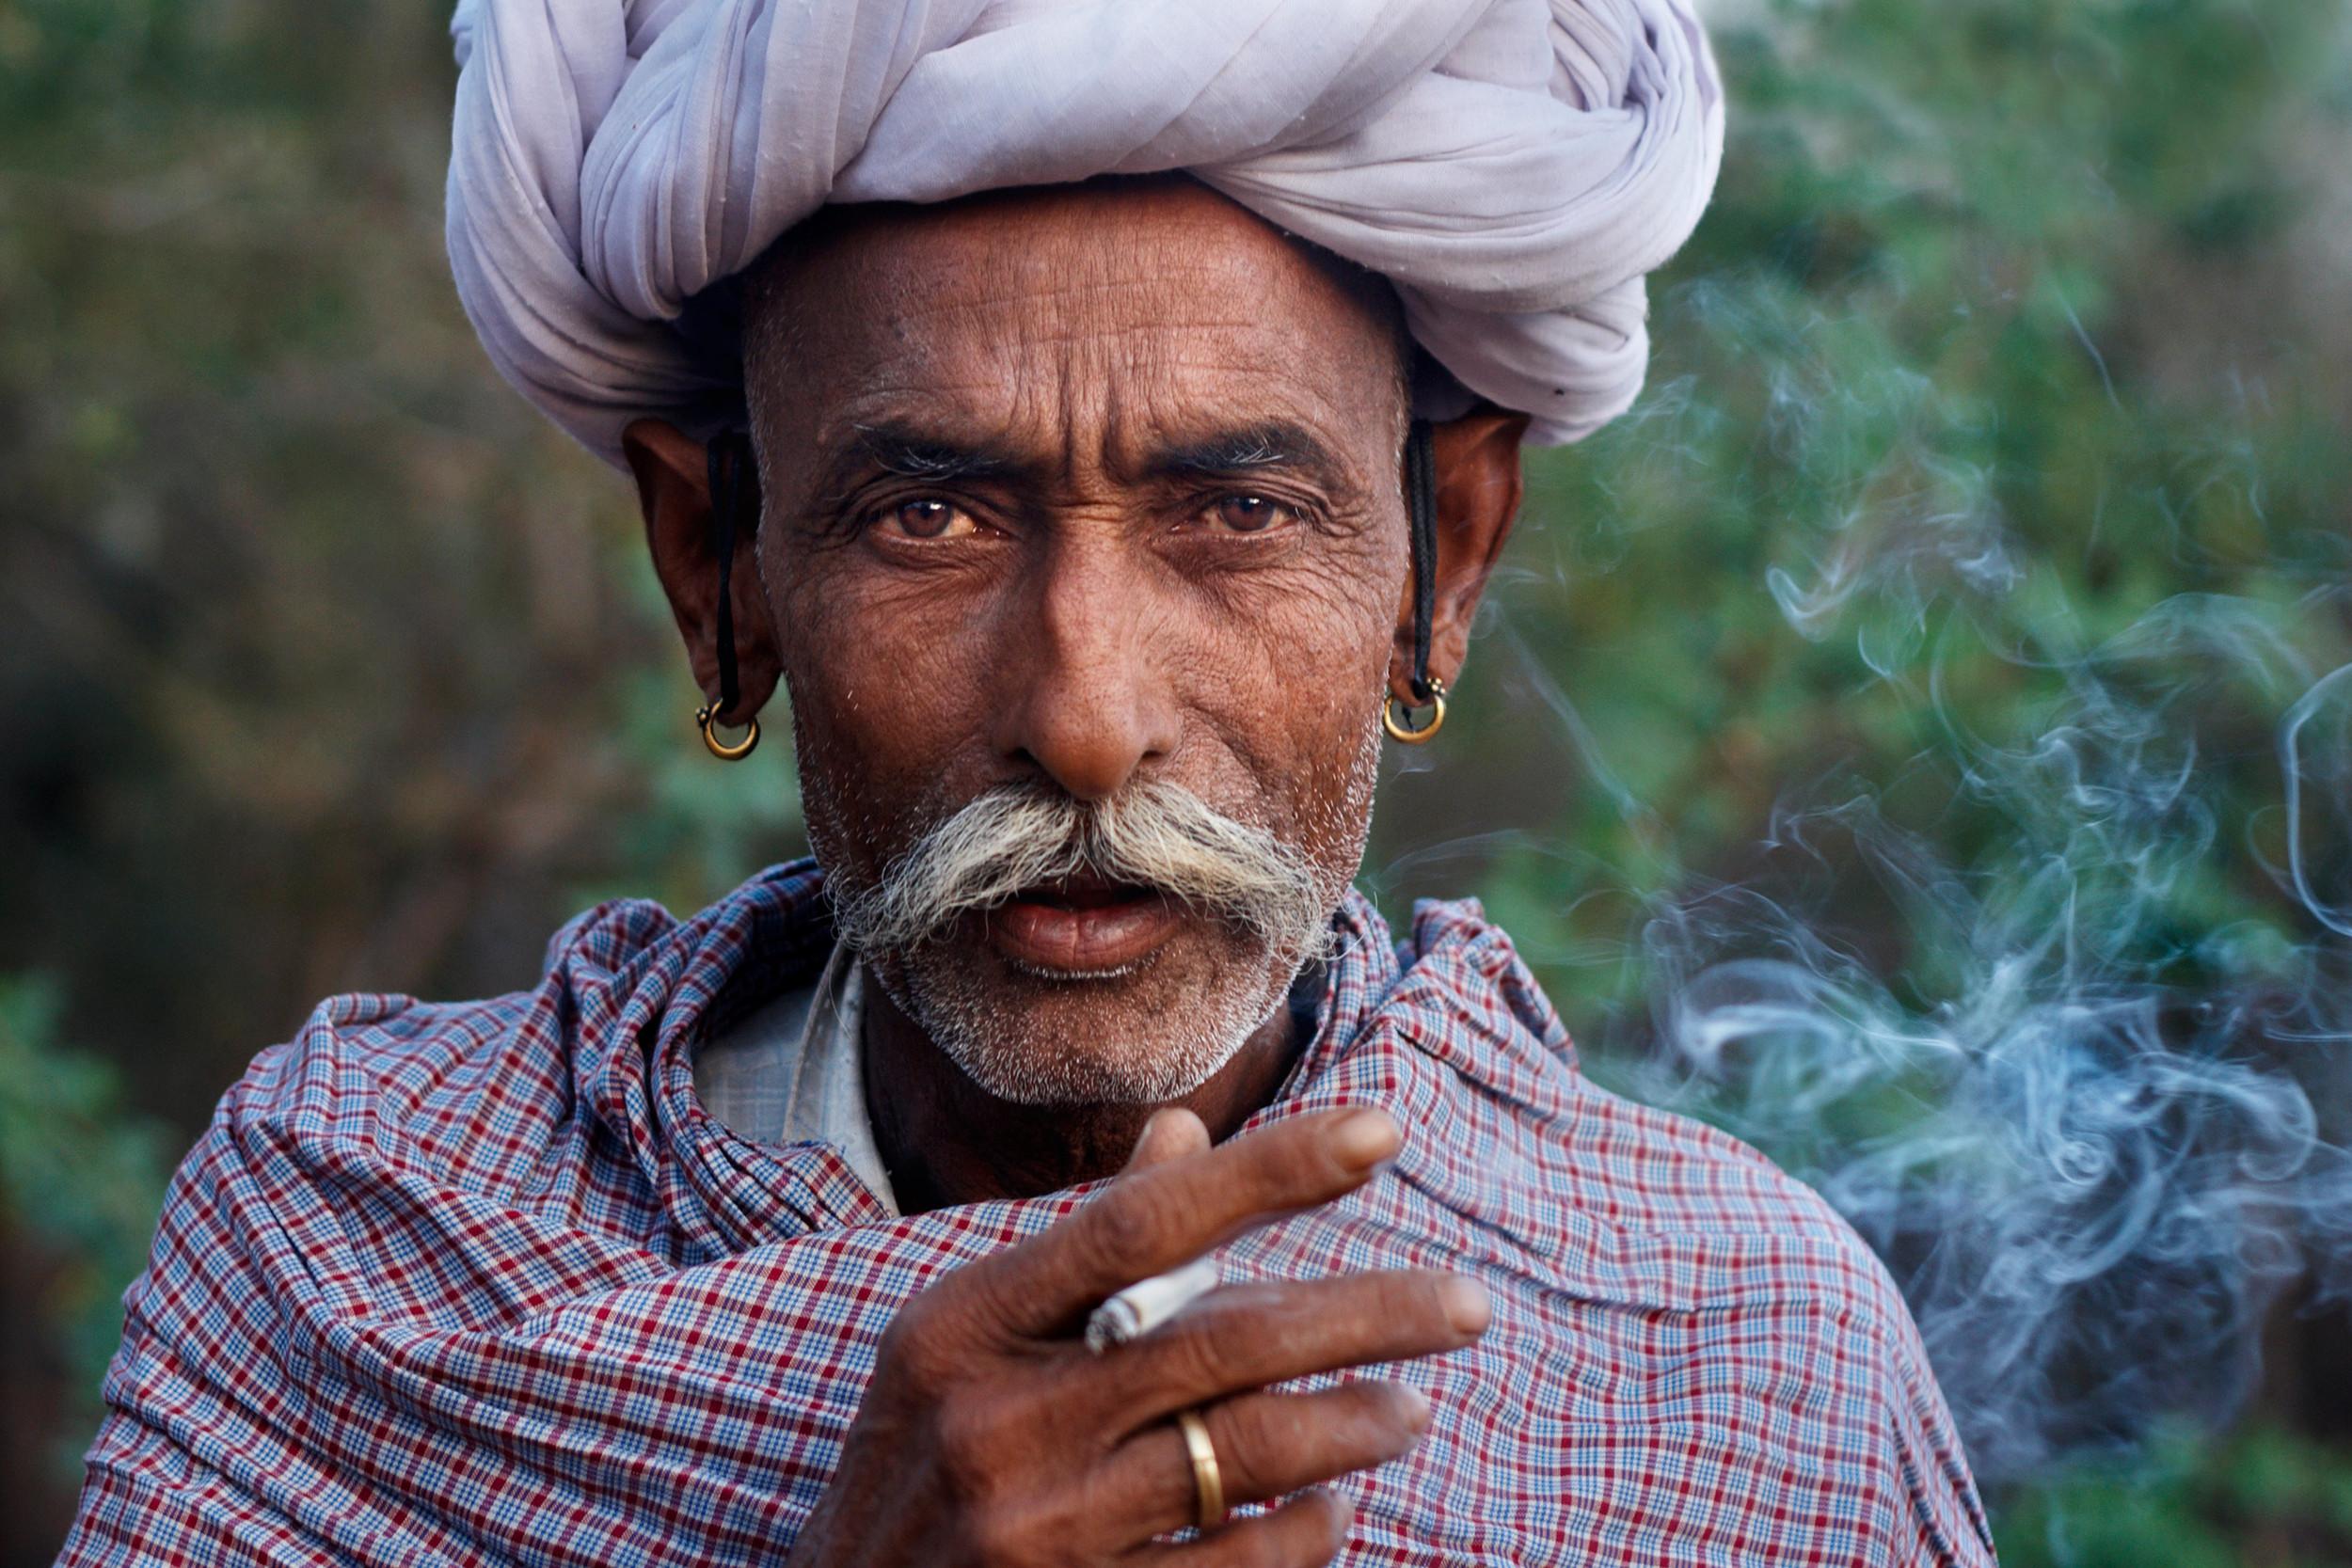 Rajasthani man smoking